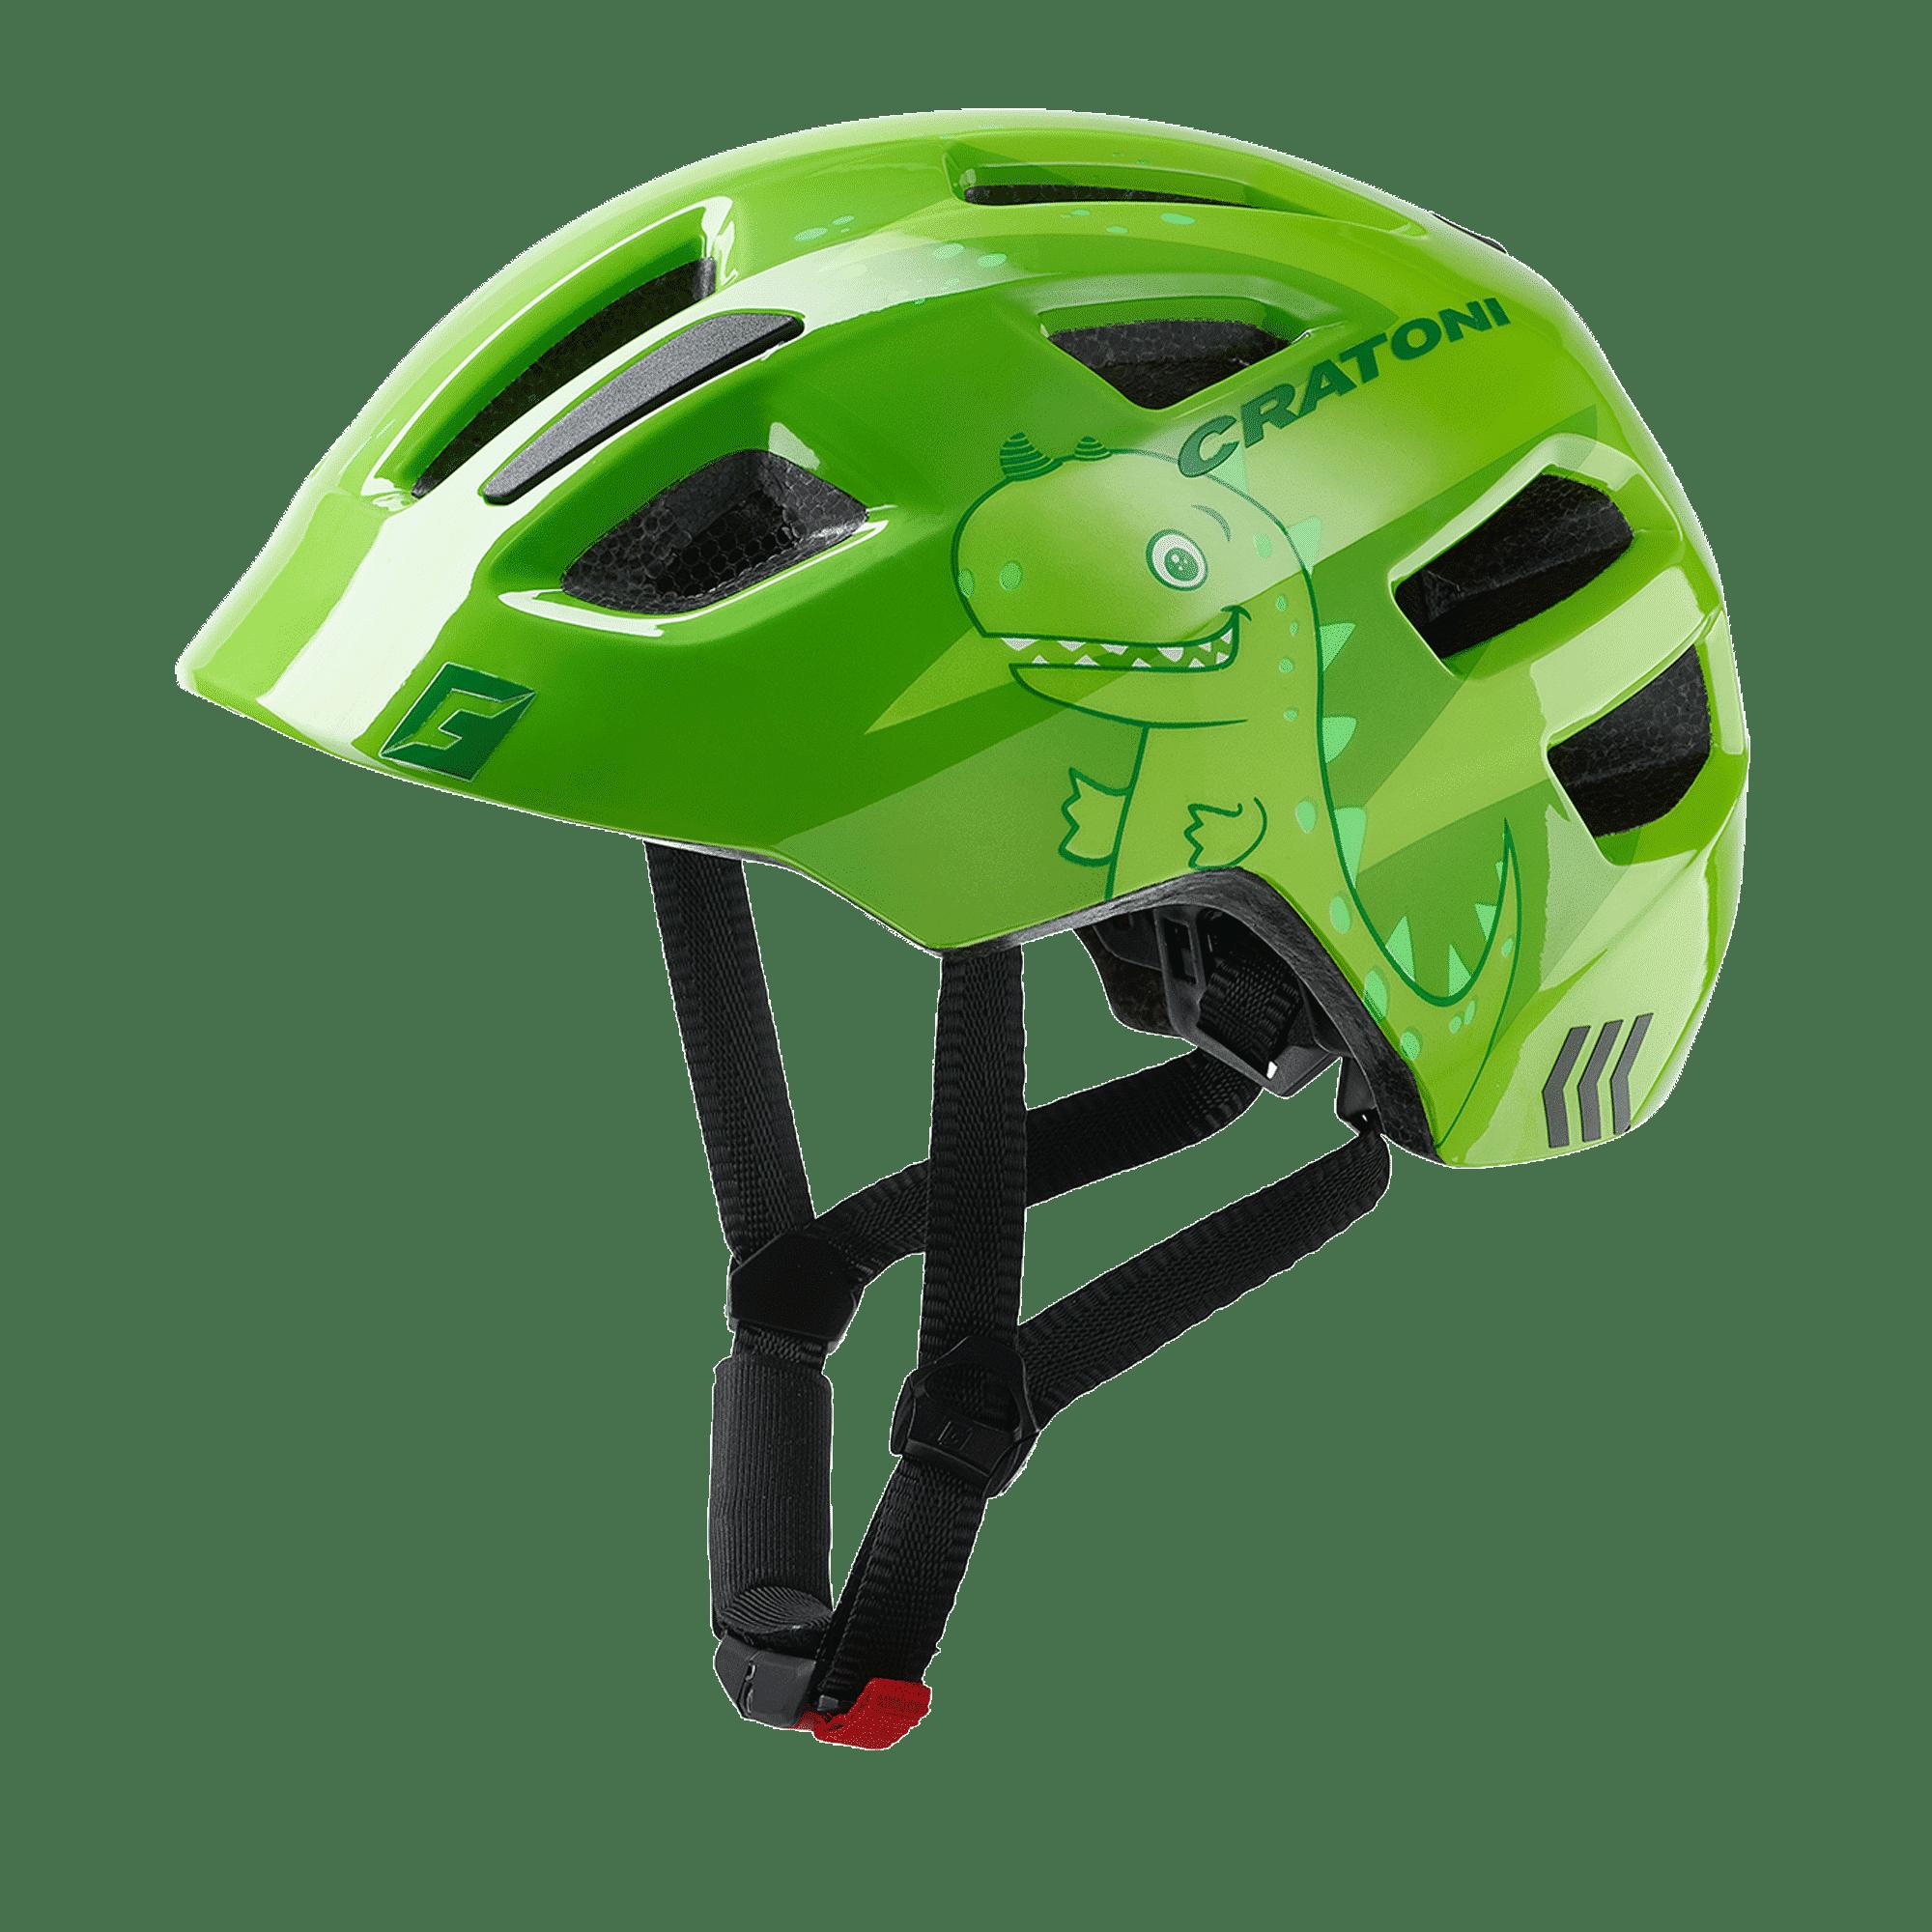 Cratoni Maxster dino green glossy